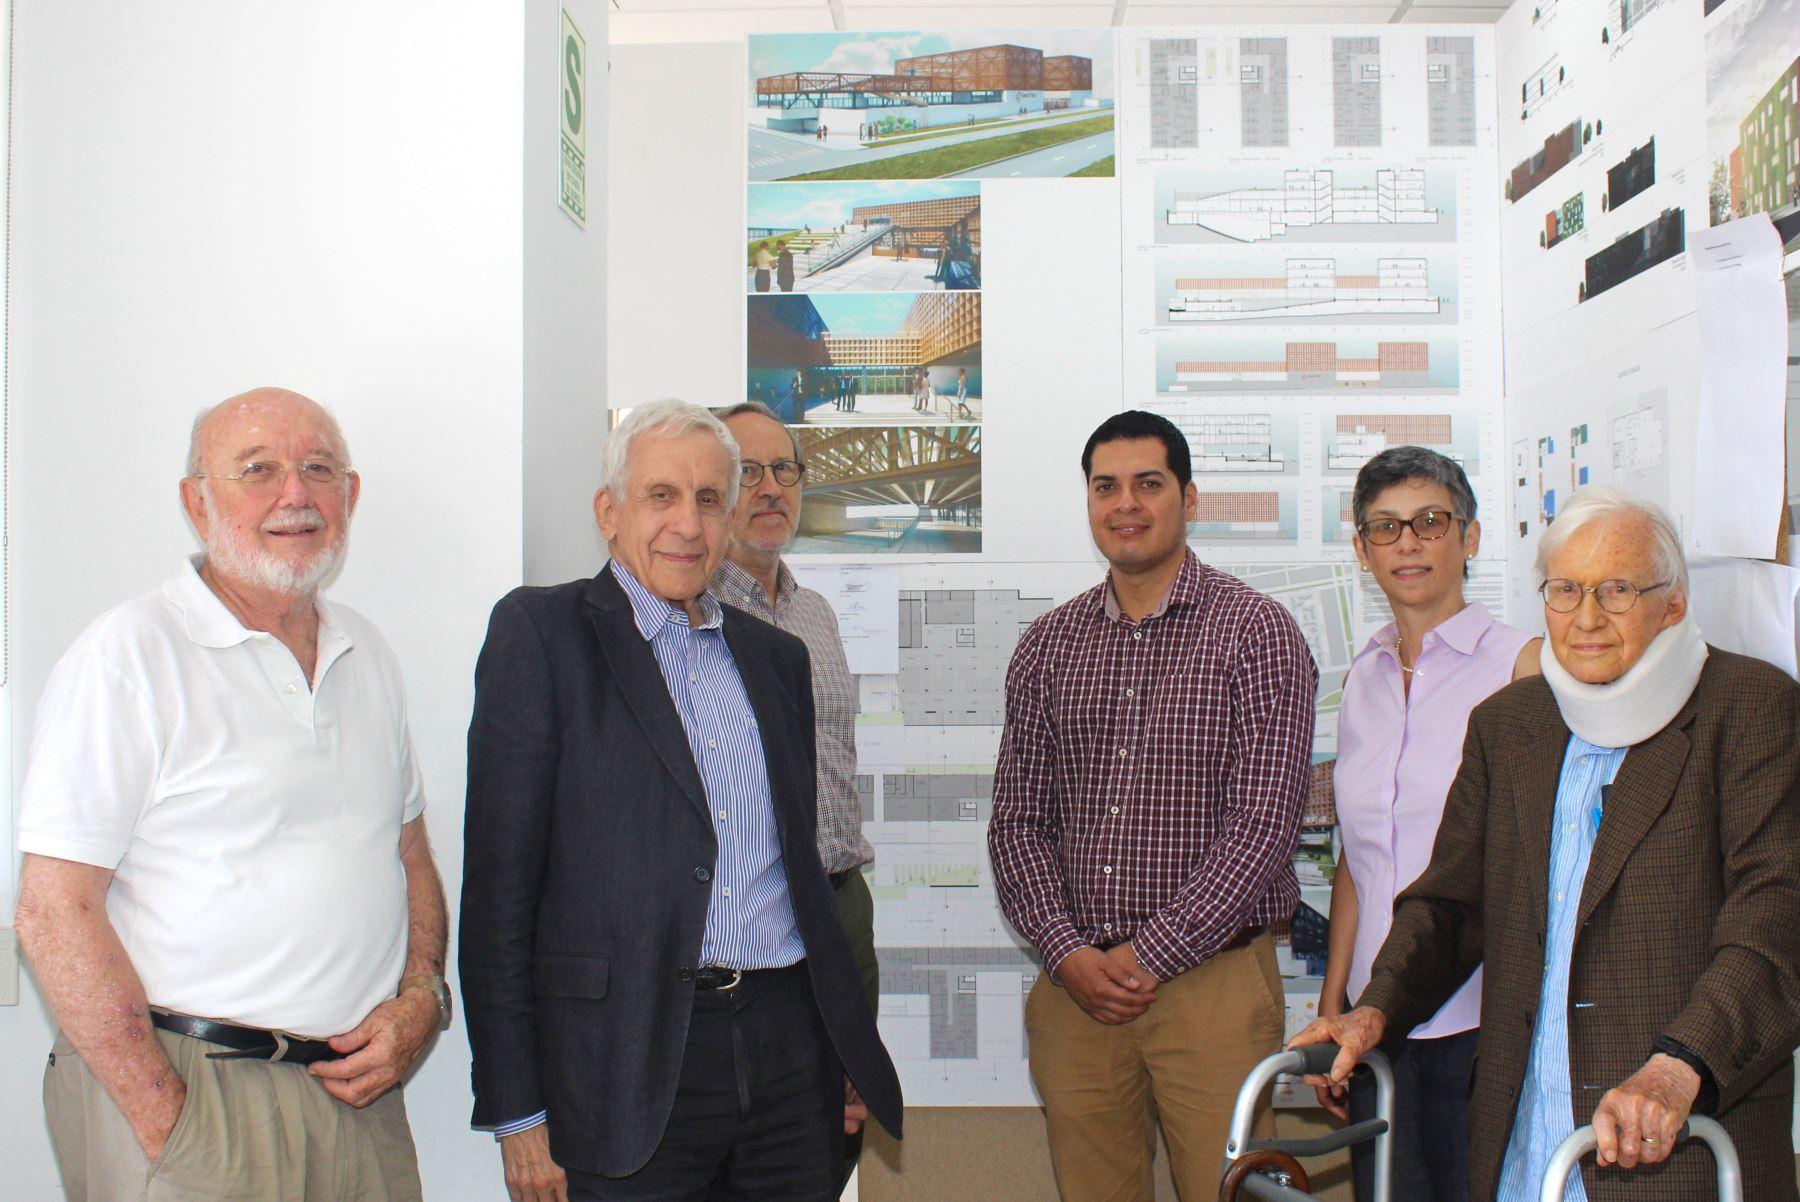 El arquitecto José Antonio Quiroz Farias rodeado del jurado calificador que eligió al ganador del concurso para diseñar el nuevo local del Concytec.